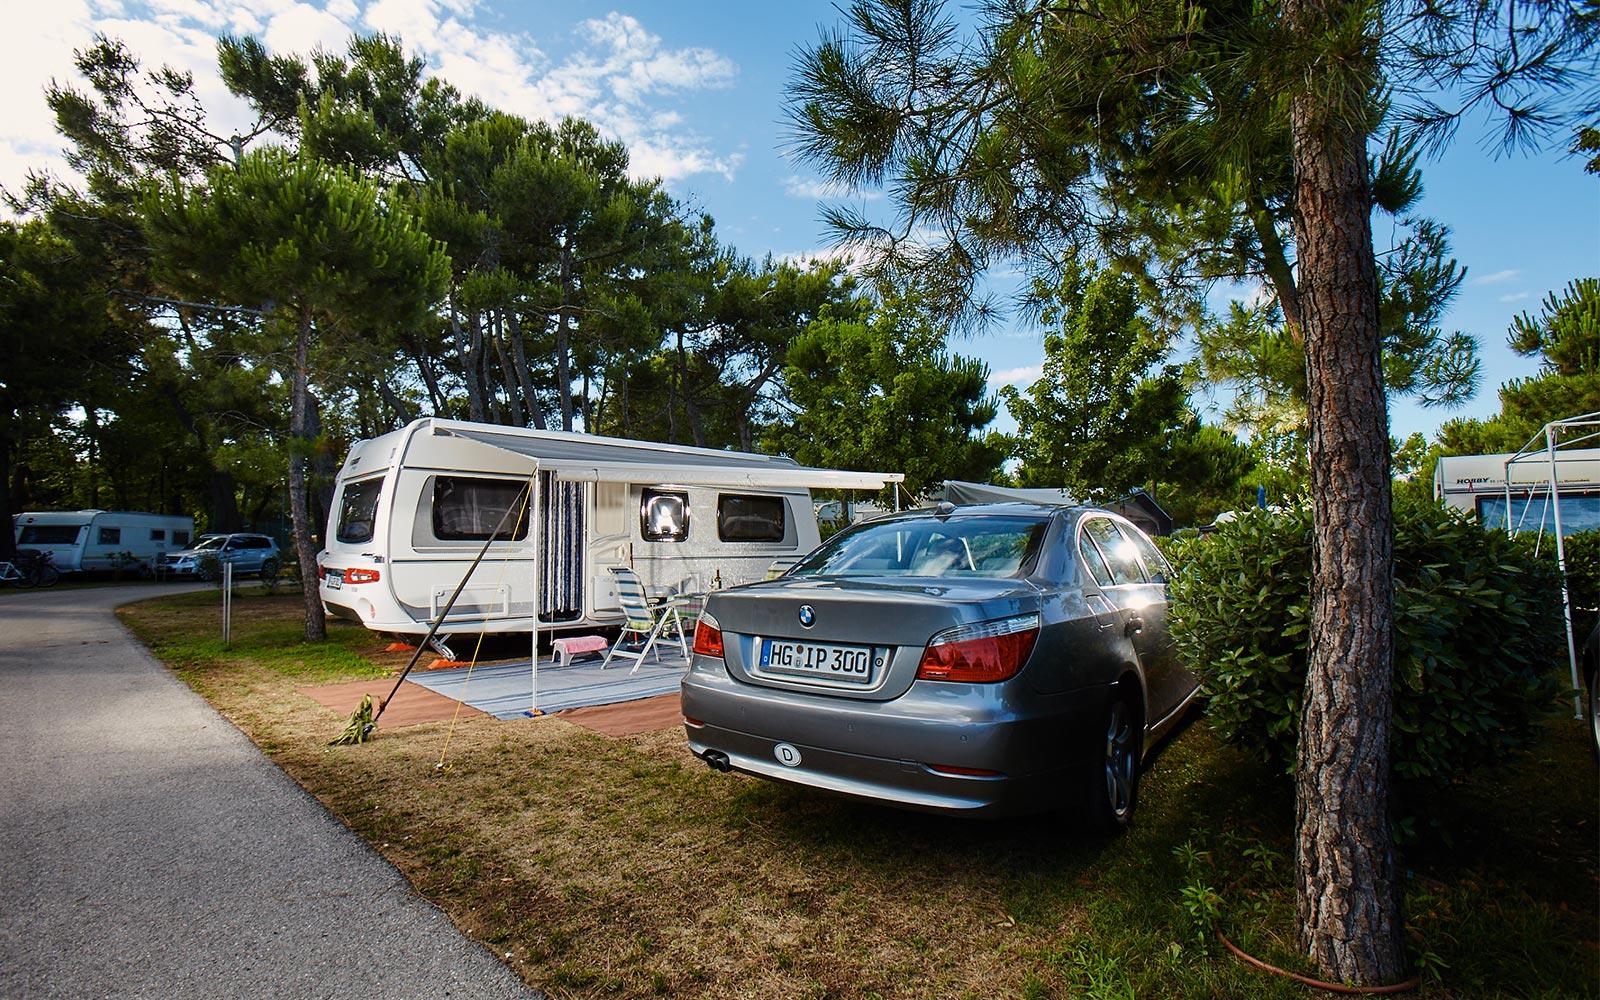 7-Campsite near Venice